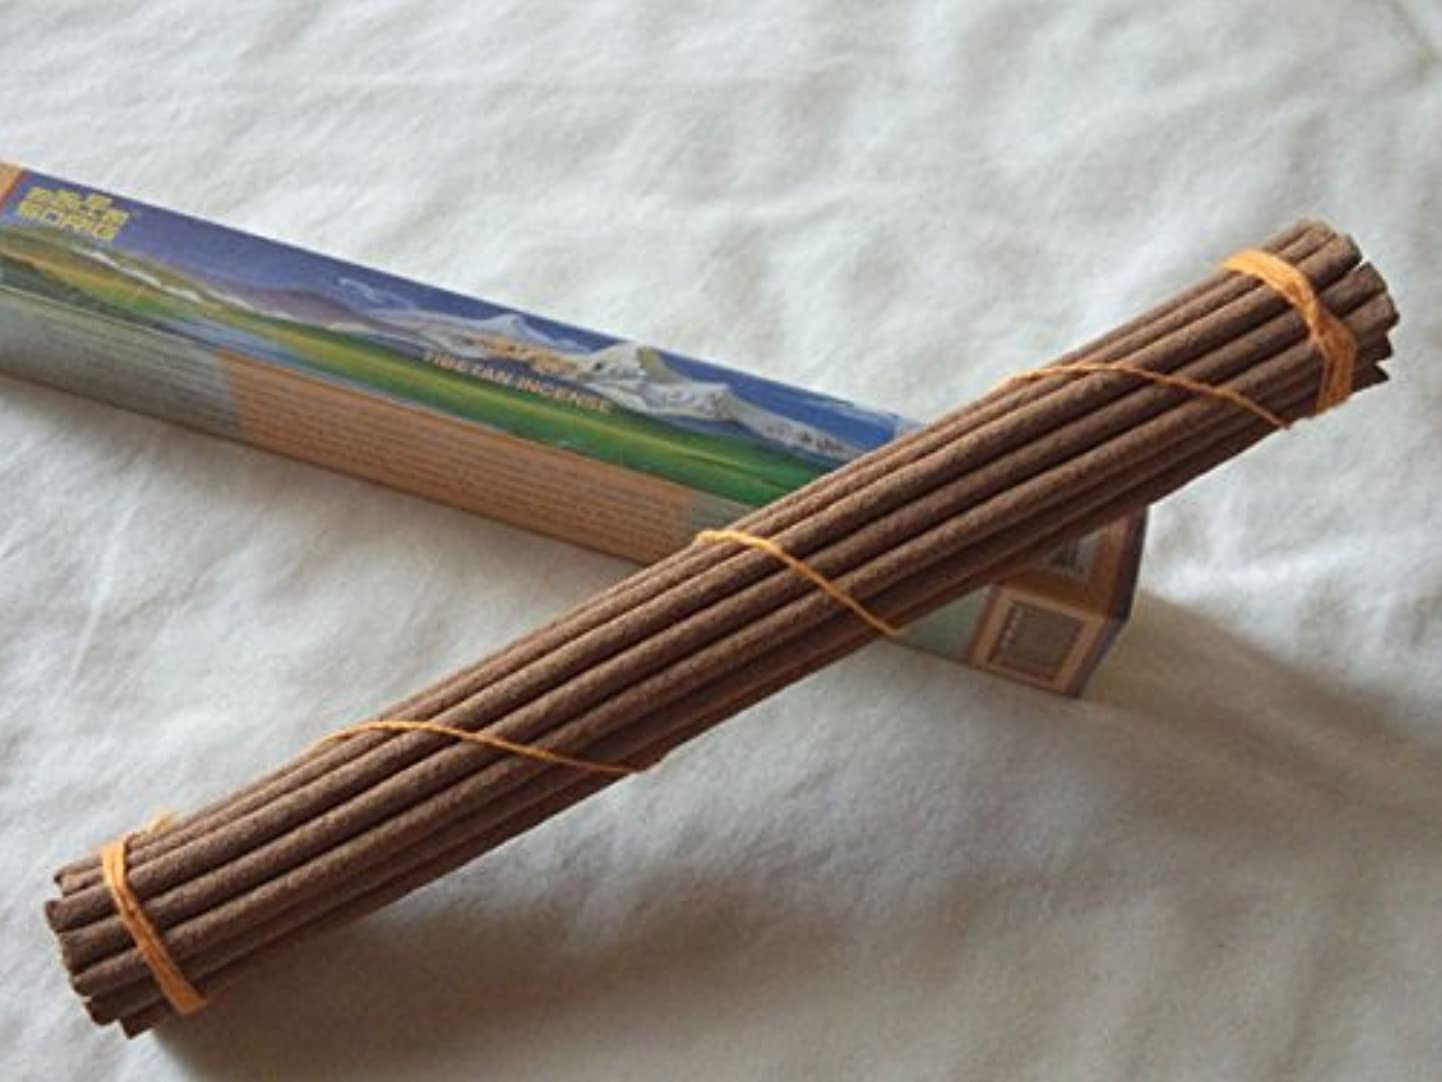 正義合唱団大宇宙Men-Tsee-Khang/メンツィカンのお香-シングル SORIG Tibetan Incense small 約20本入